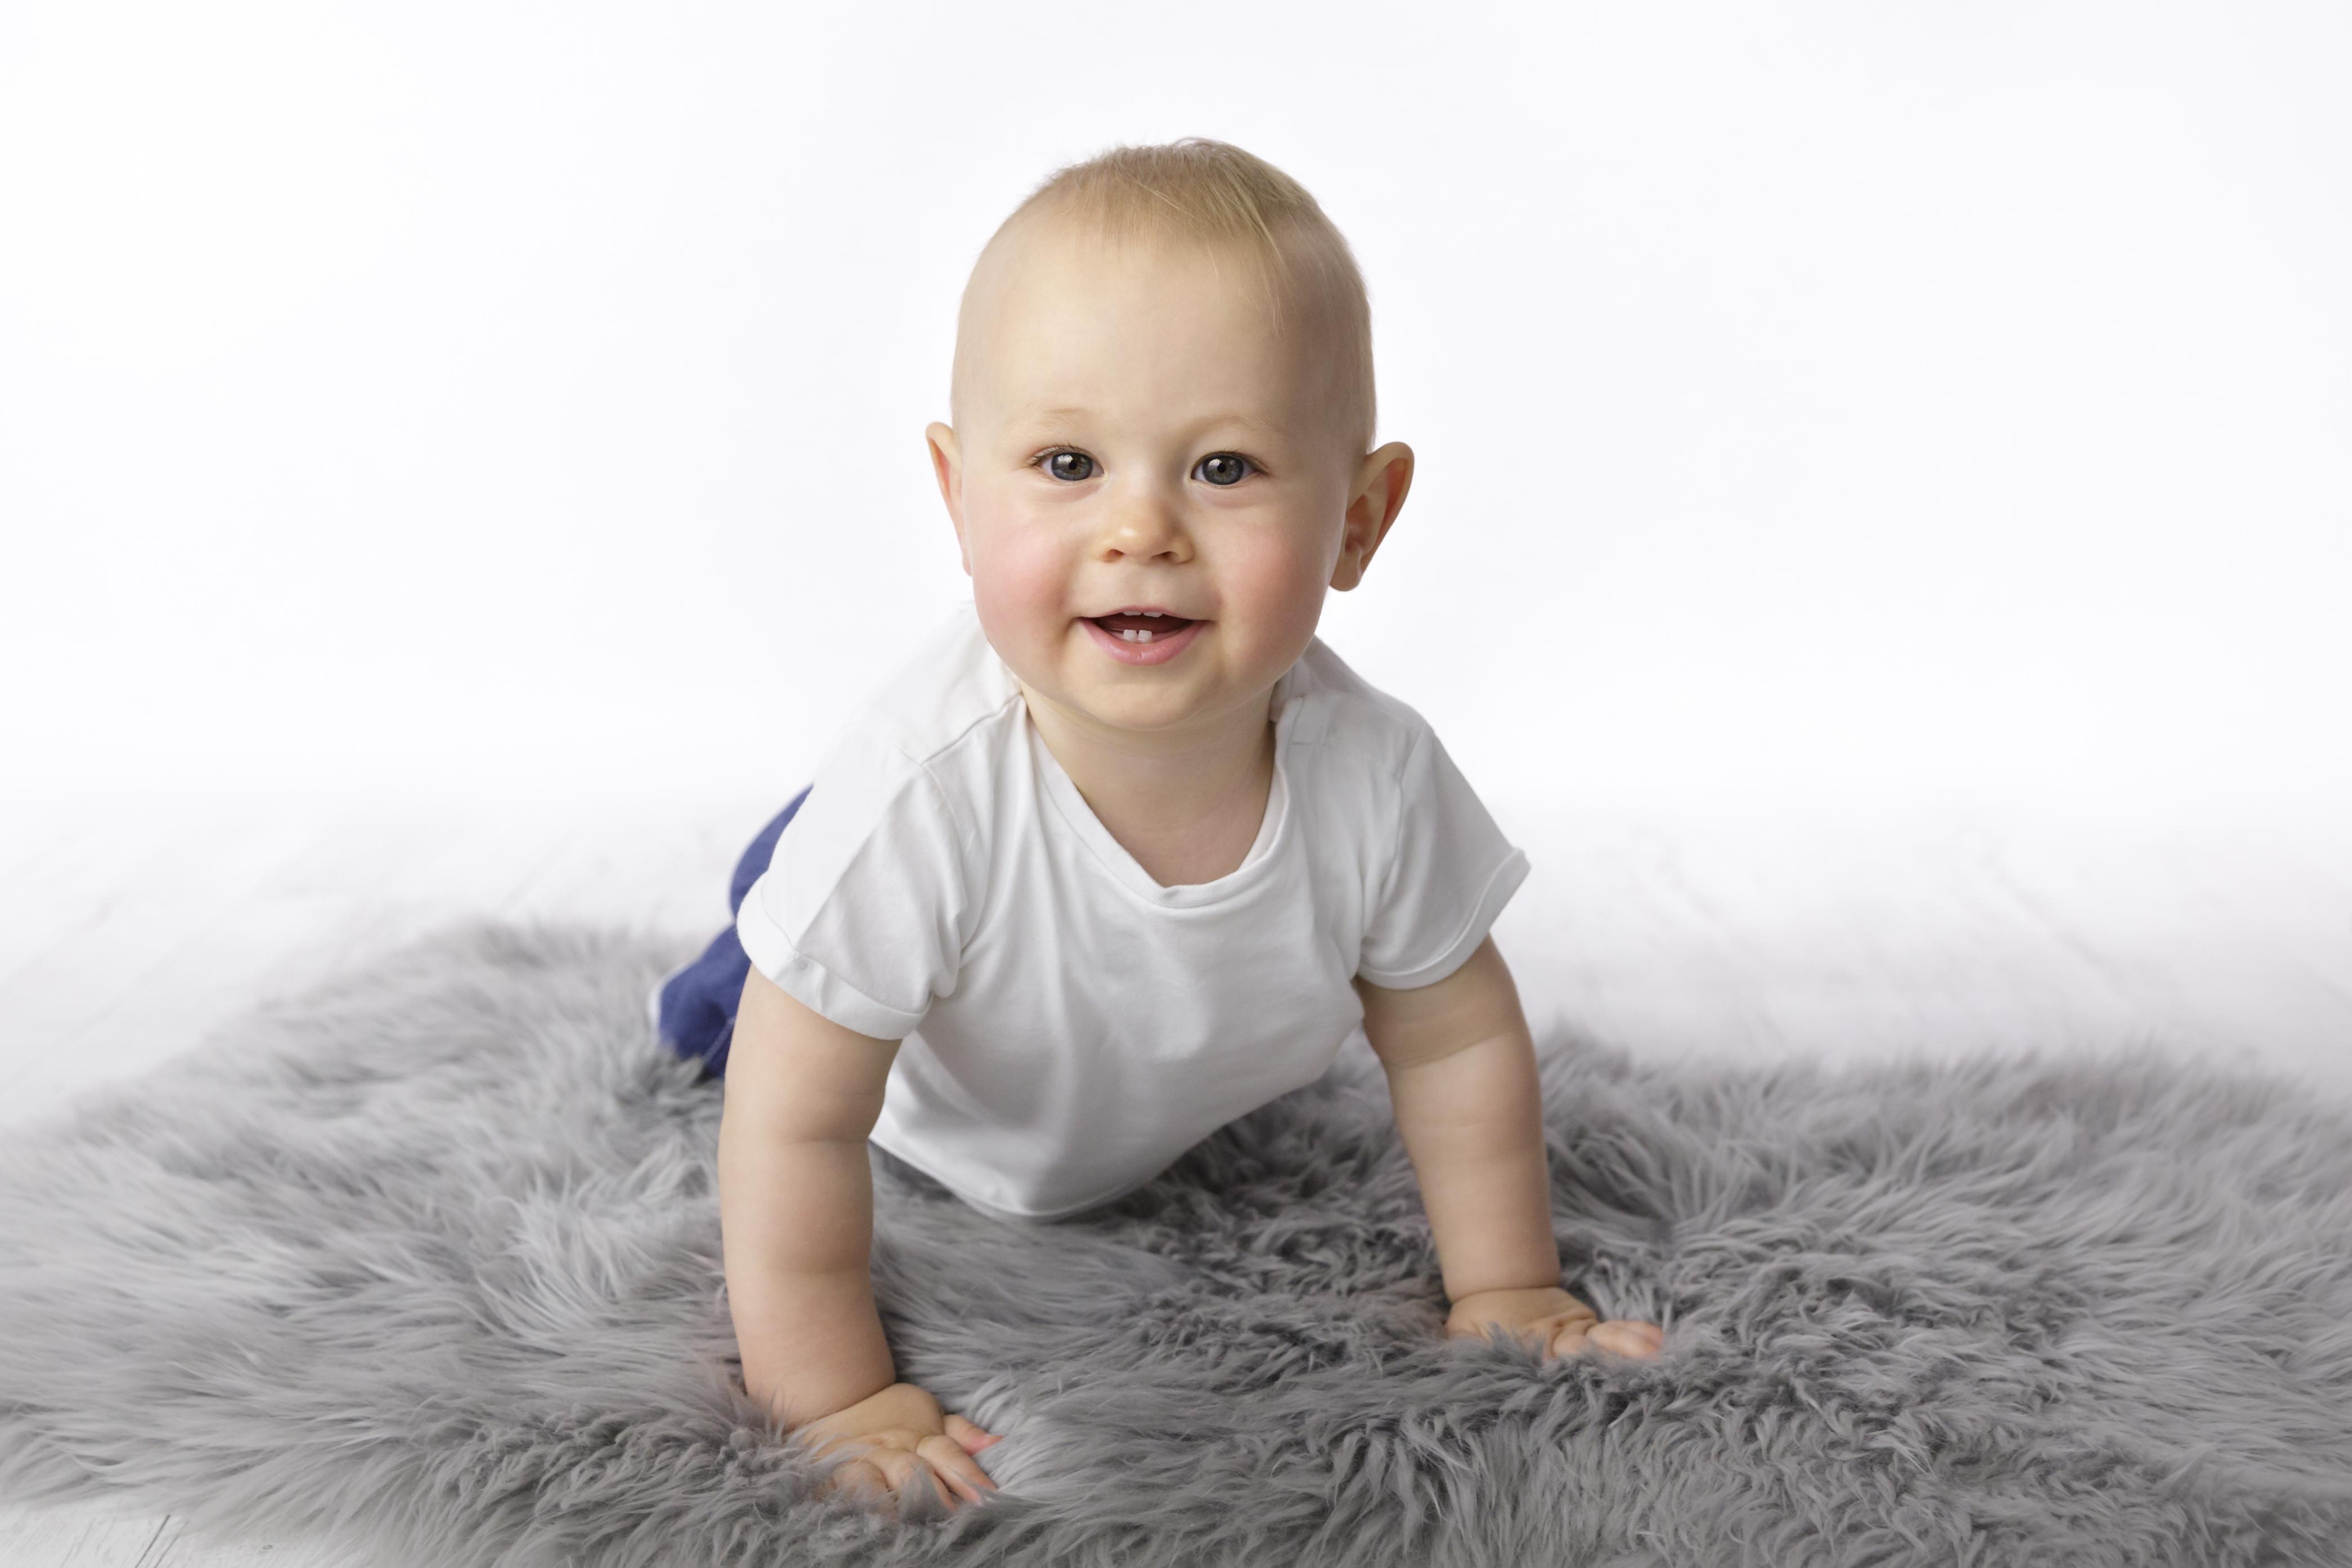 crawling one year old boy